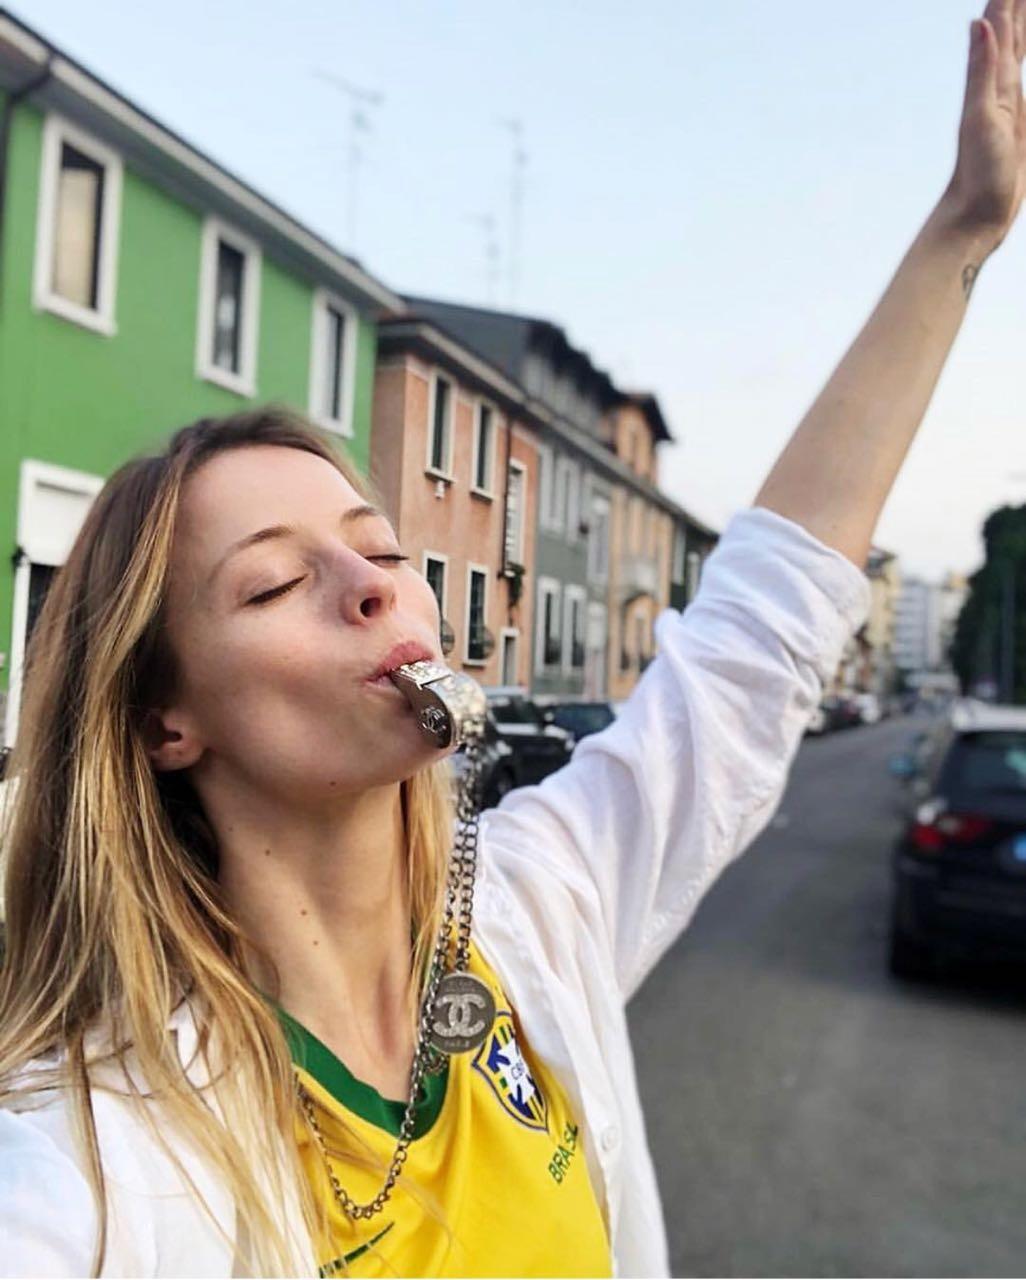 Flavia Lucini: A garra da torcida inteira vai junto com você BRASIL (Foto: Reprodução/Instagram)